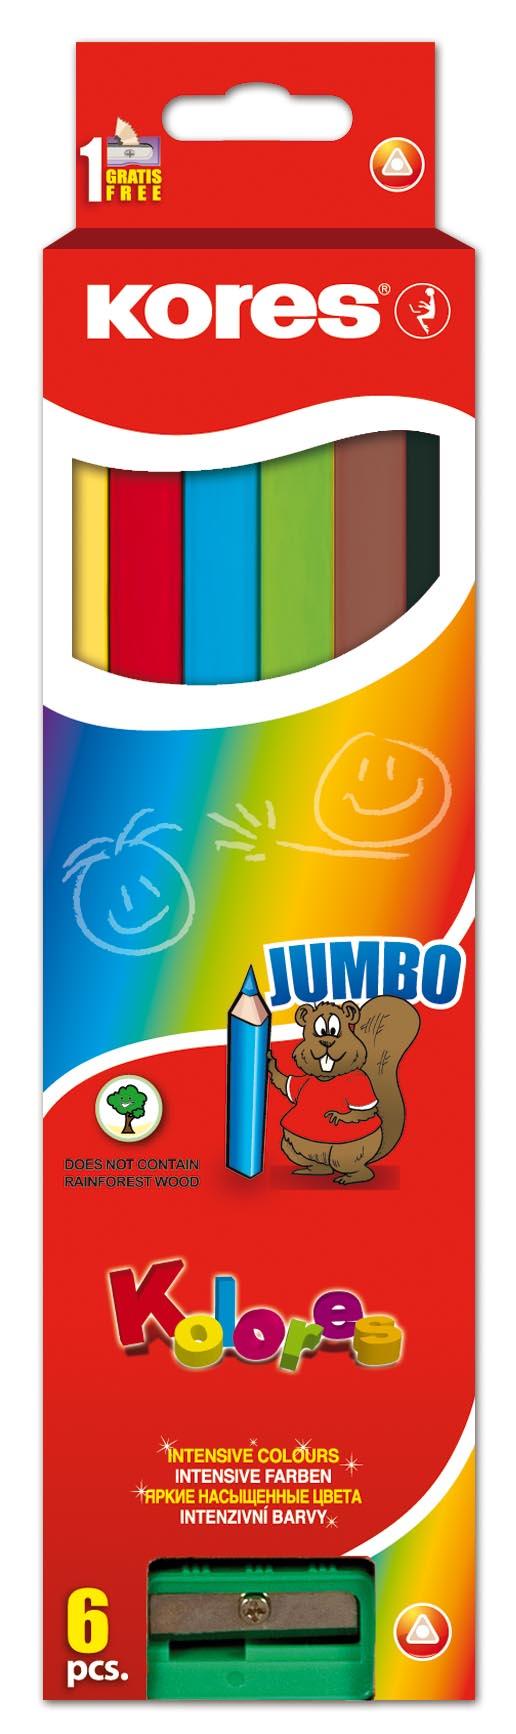 עפרון צבעוניים ג'מבו 5 ממ+מחדד סט 6 צבעים KORES